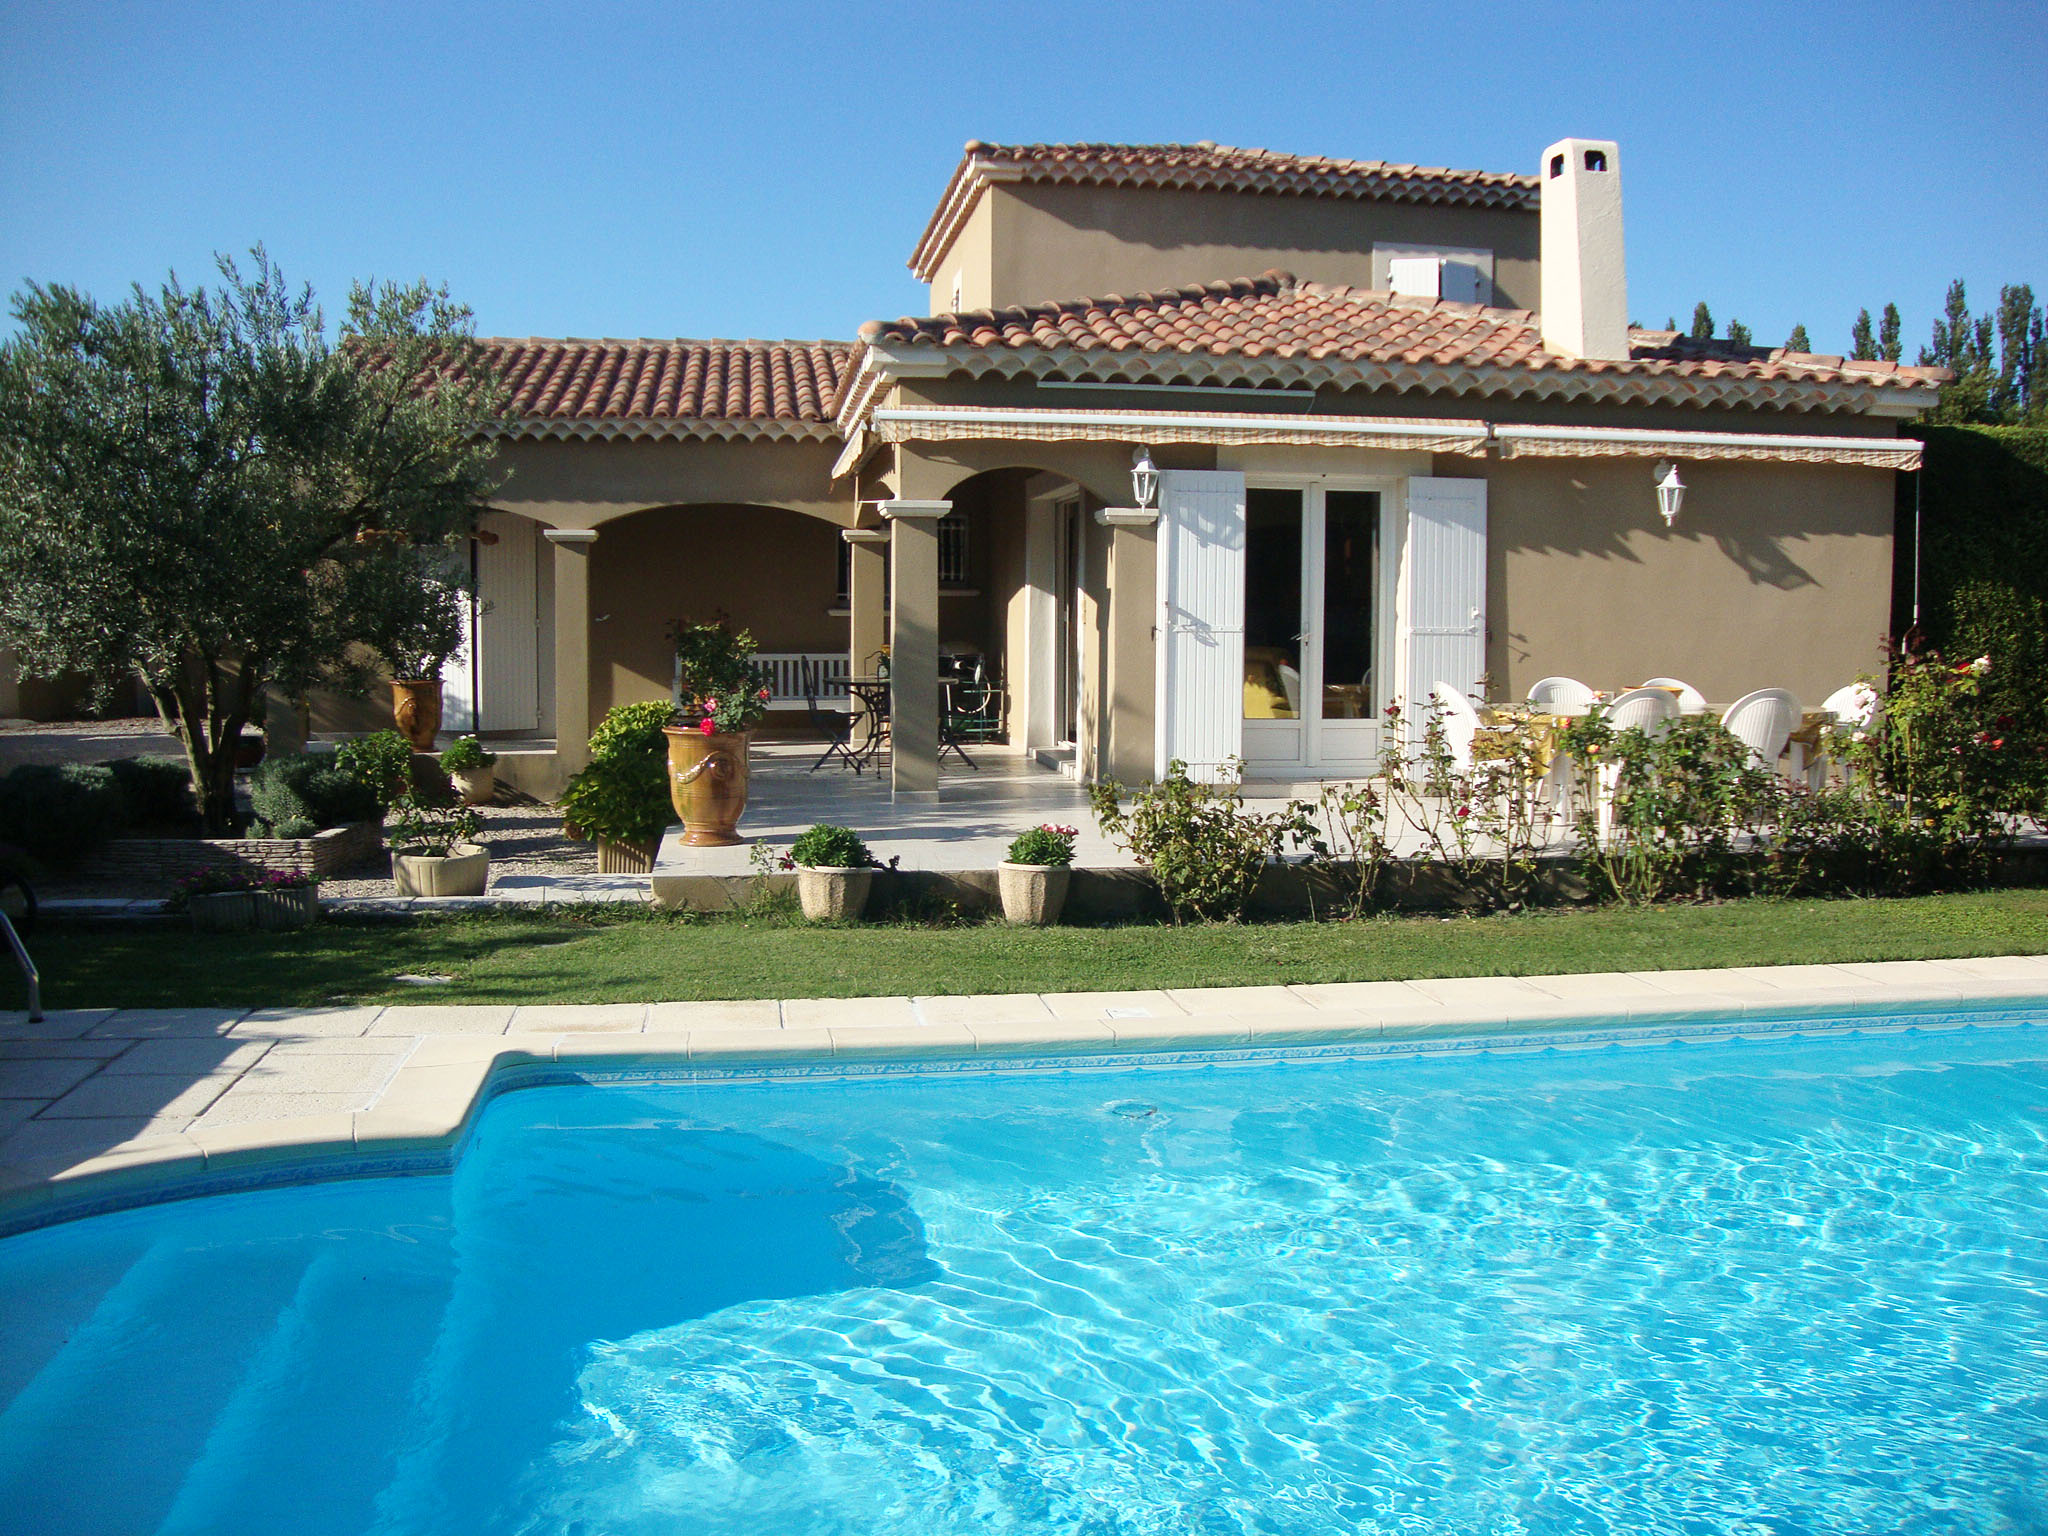 Vente maison villa saint remy de provence